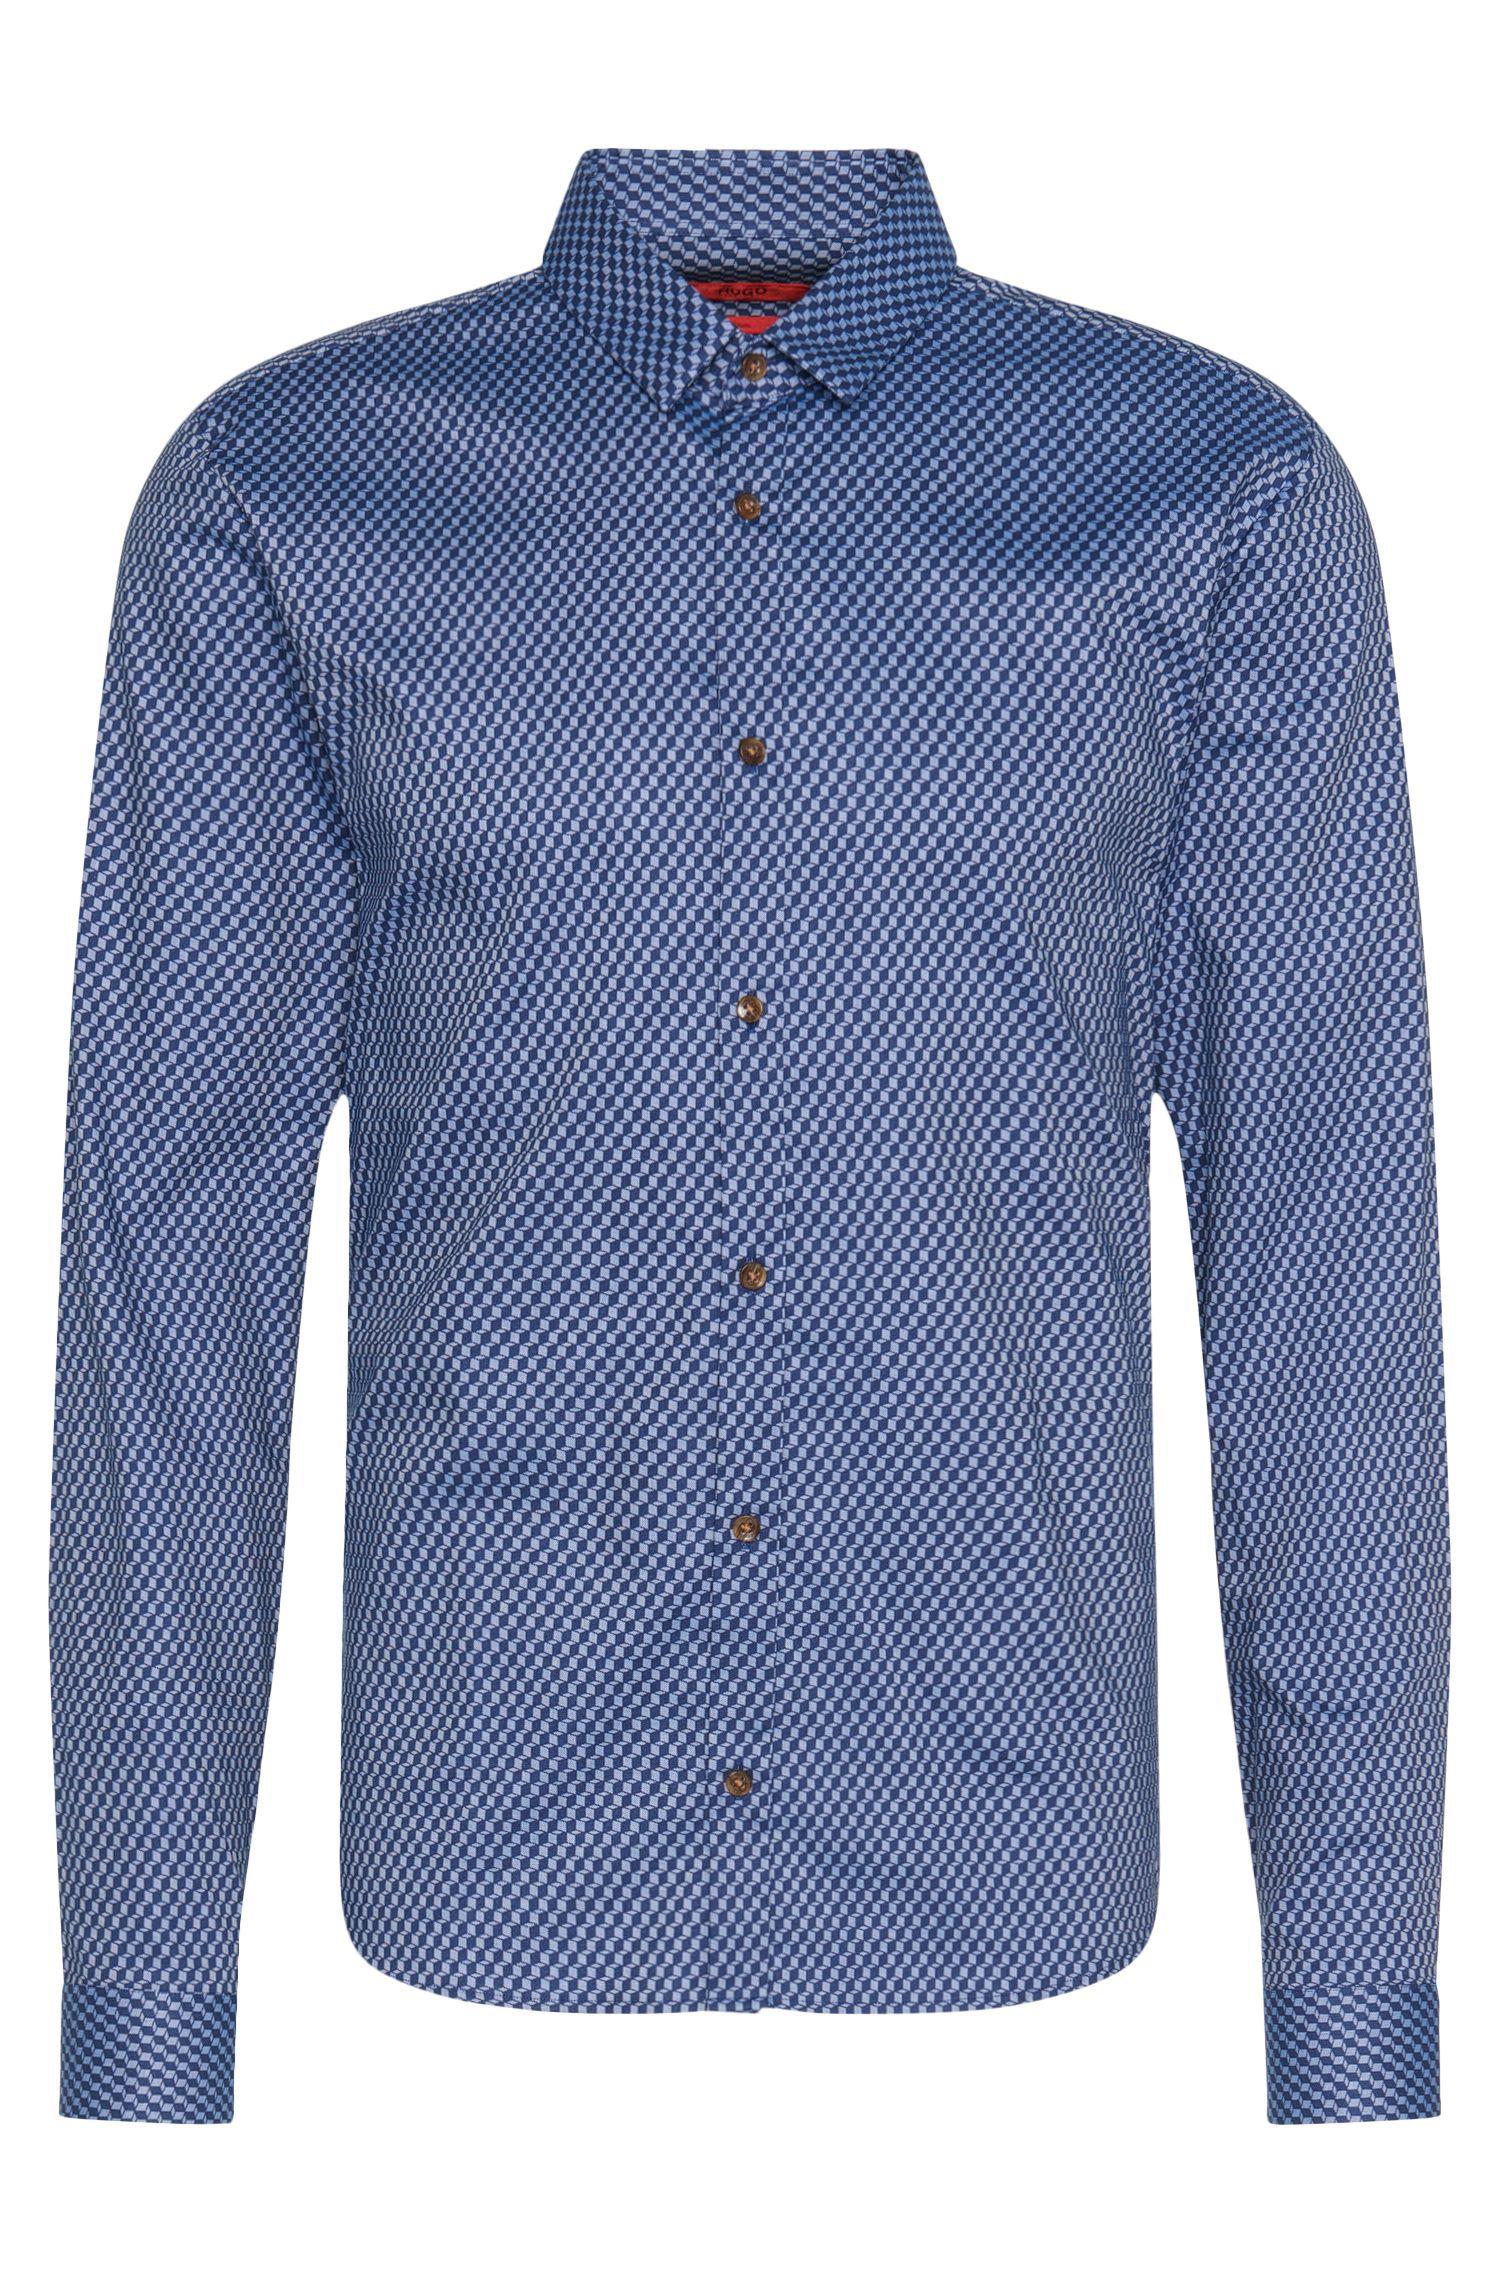 Gemustertes Slim-Fit Hemd aus Baumwolle: 'Ero3'